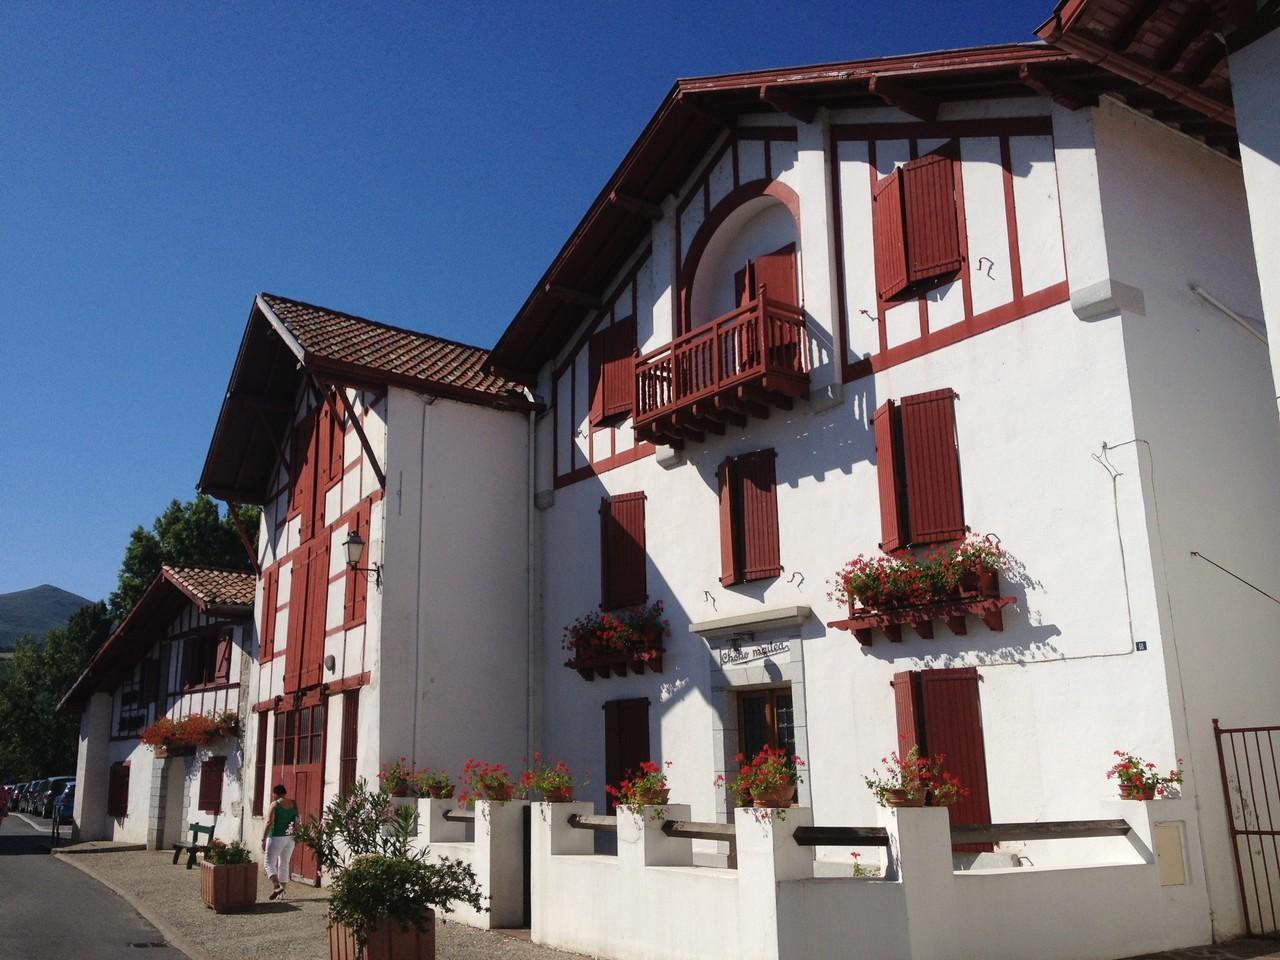 Schöne Häuser in Espelette